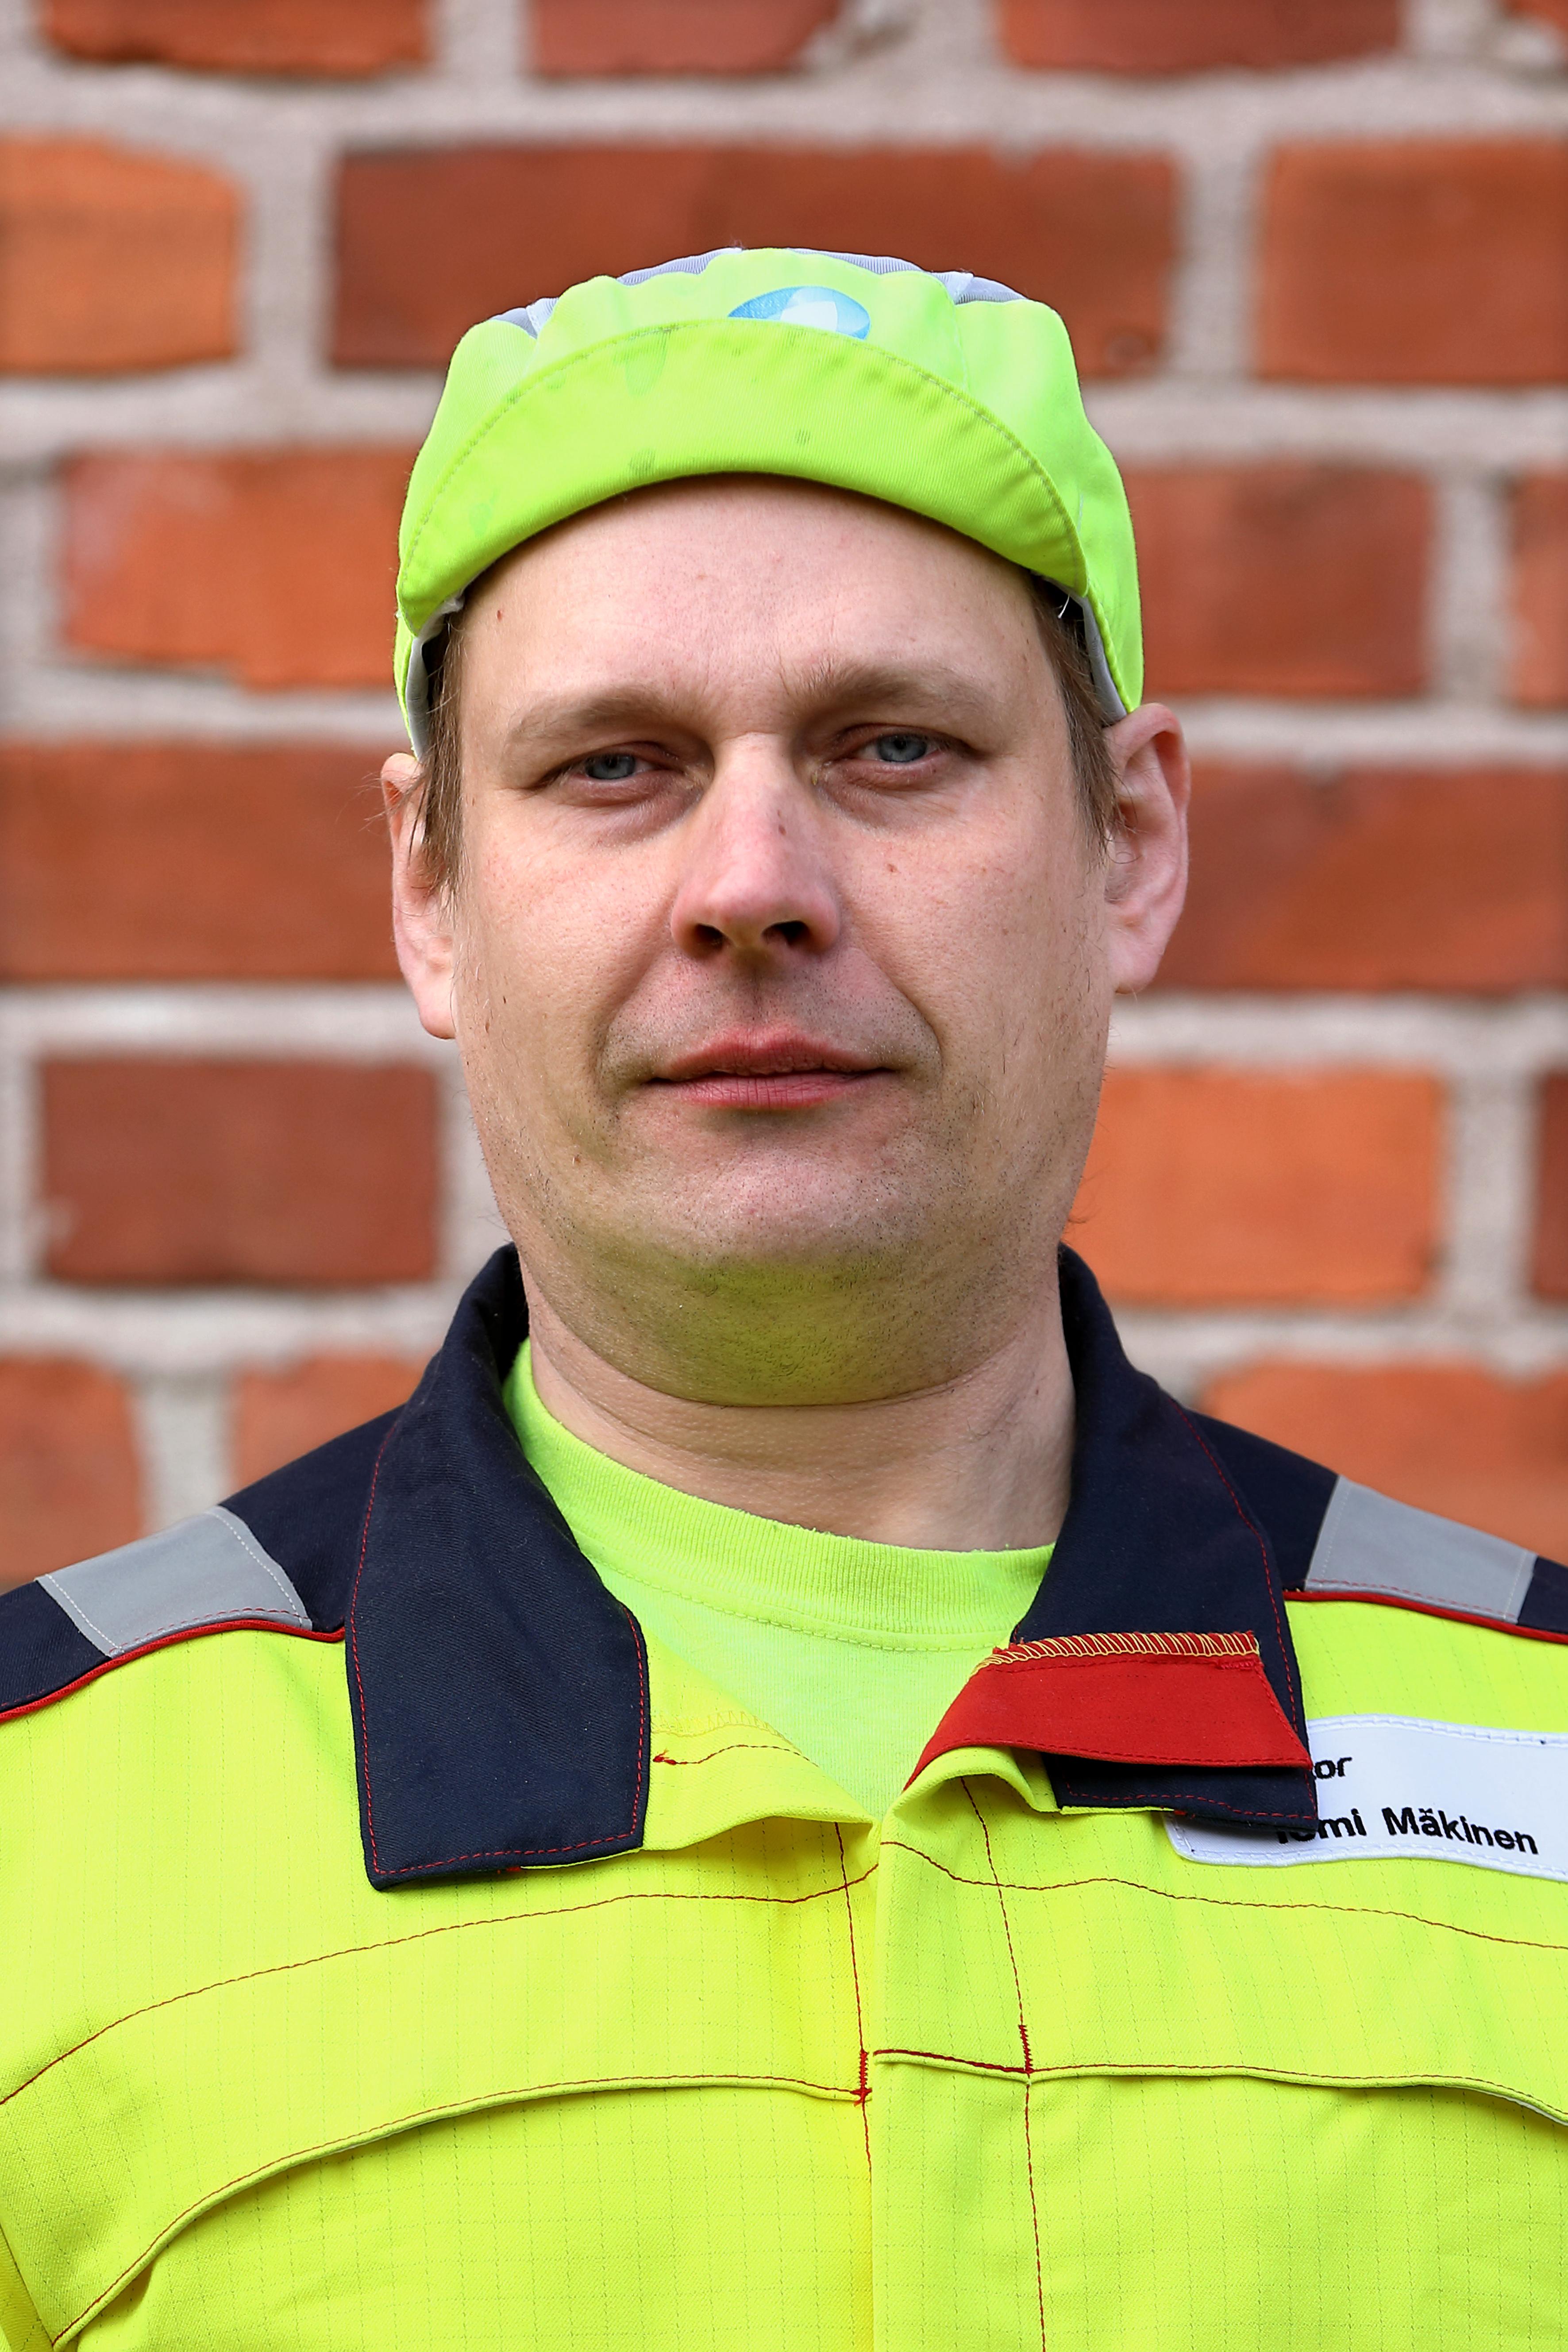 Tomi Mäkinen on työskennellyt painajana Amcor Flexibles Oy:ssä Kauttualla.